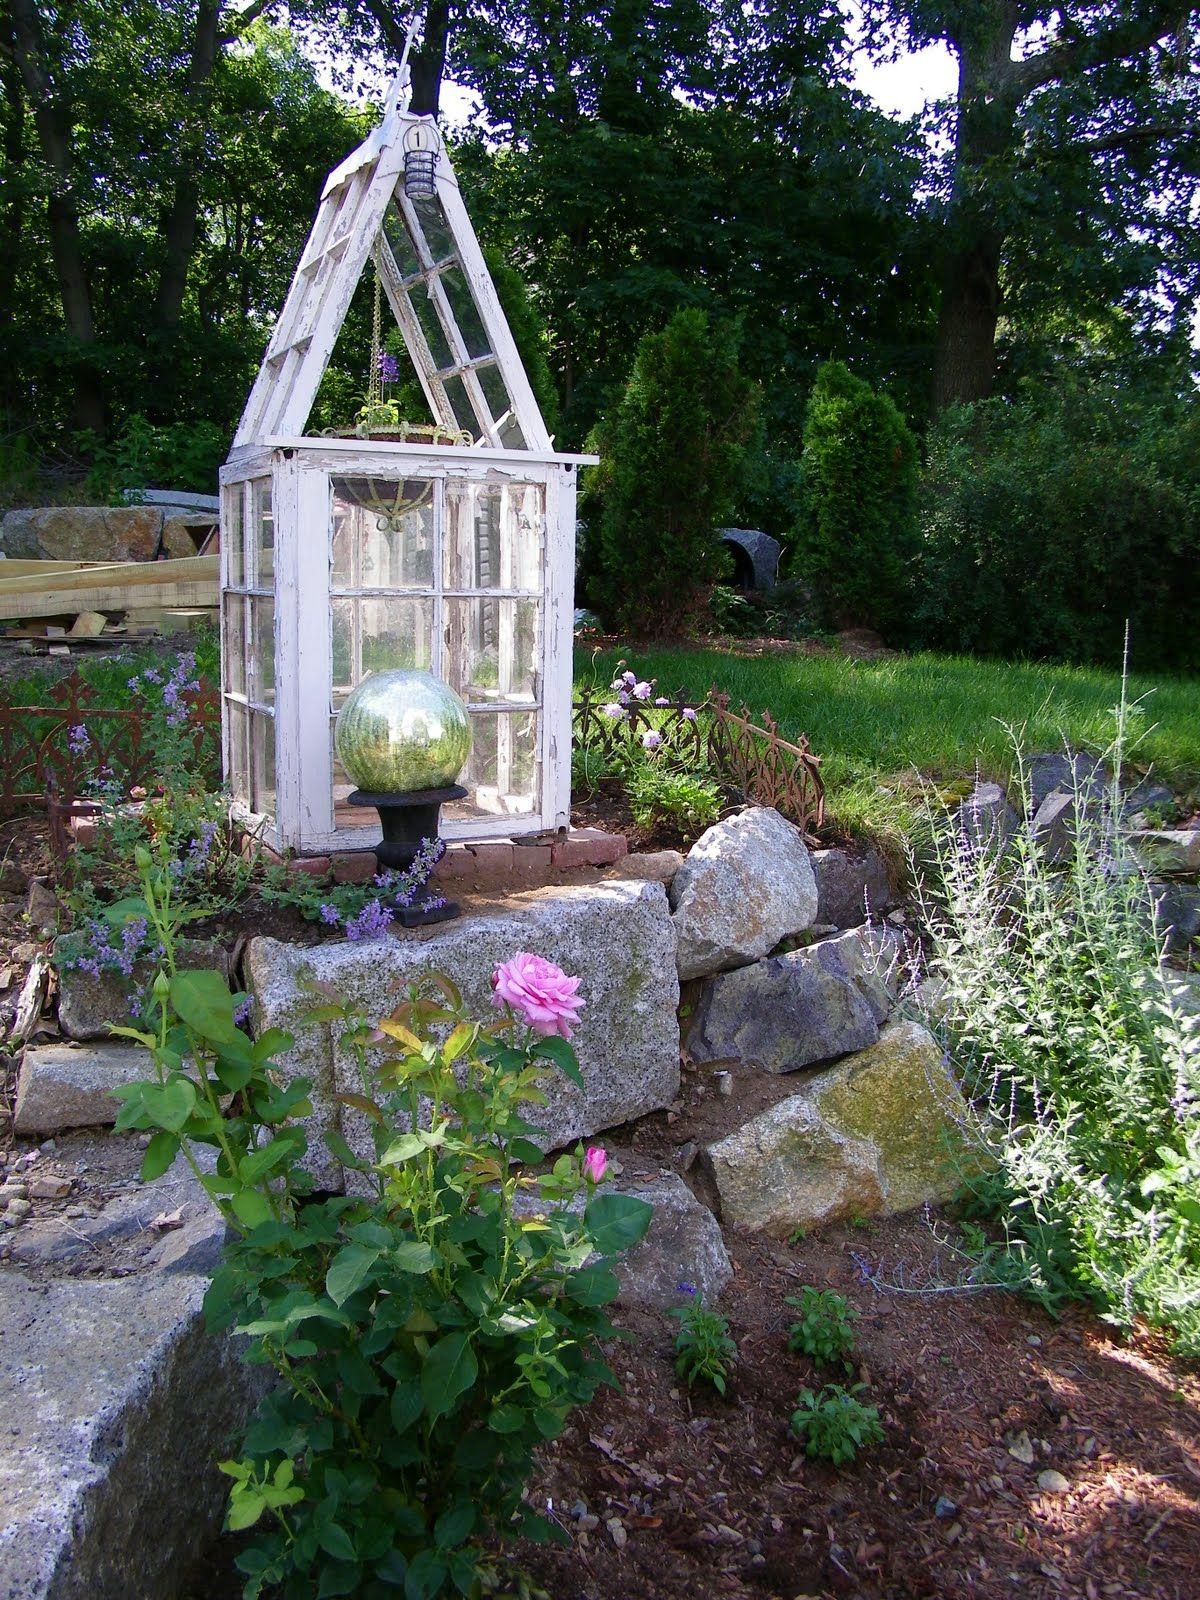 Maison Decor: Garden house gets antique fencing   FOR THE GARDEN ...